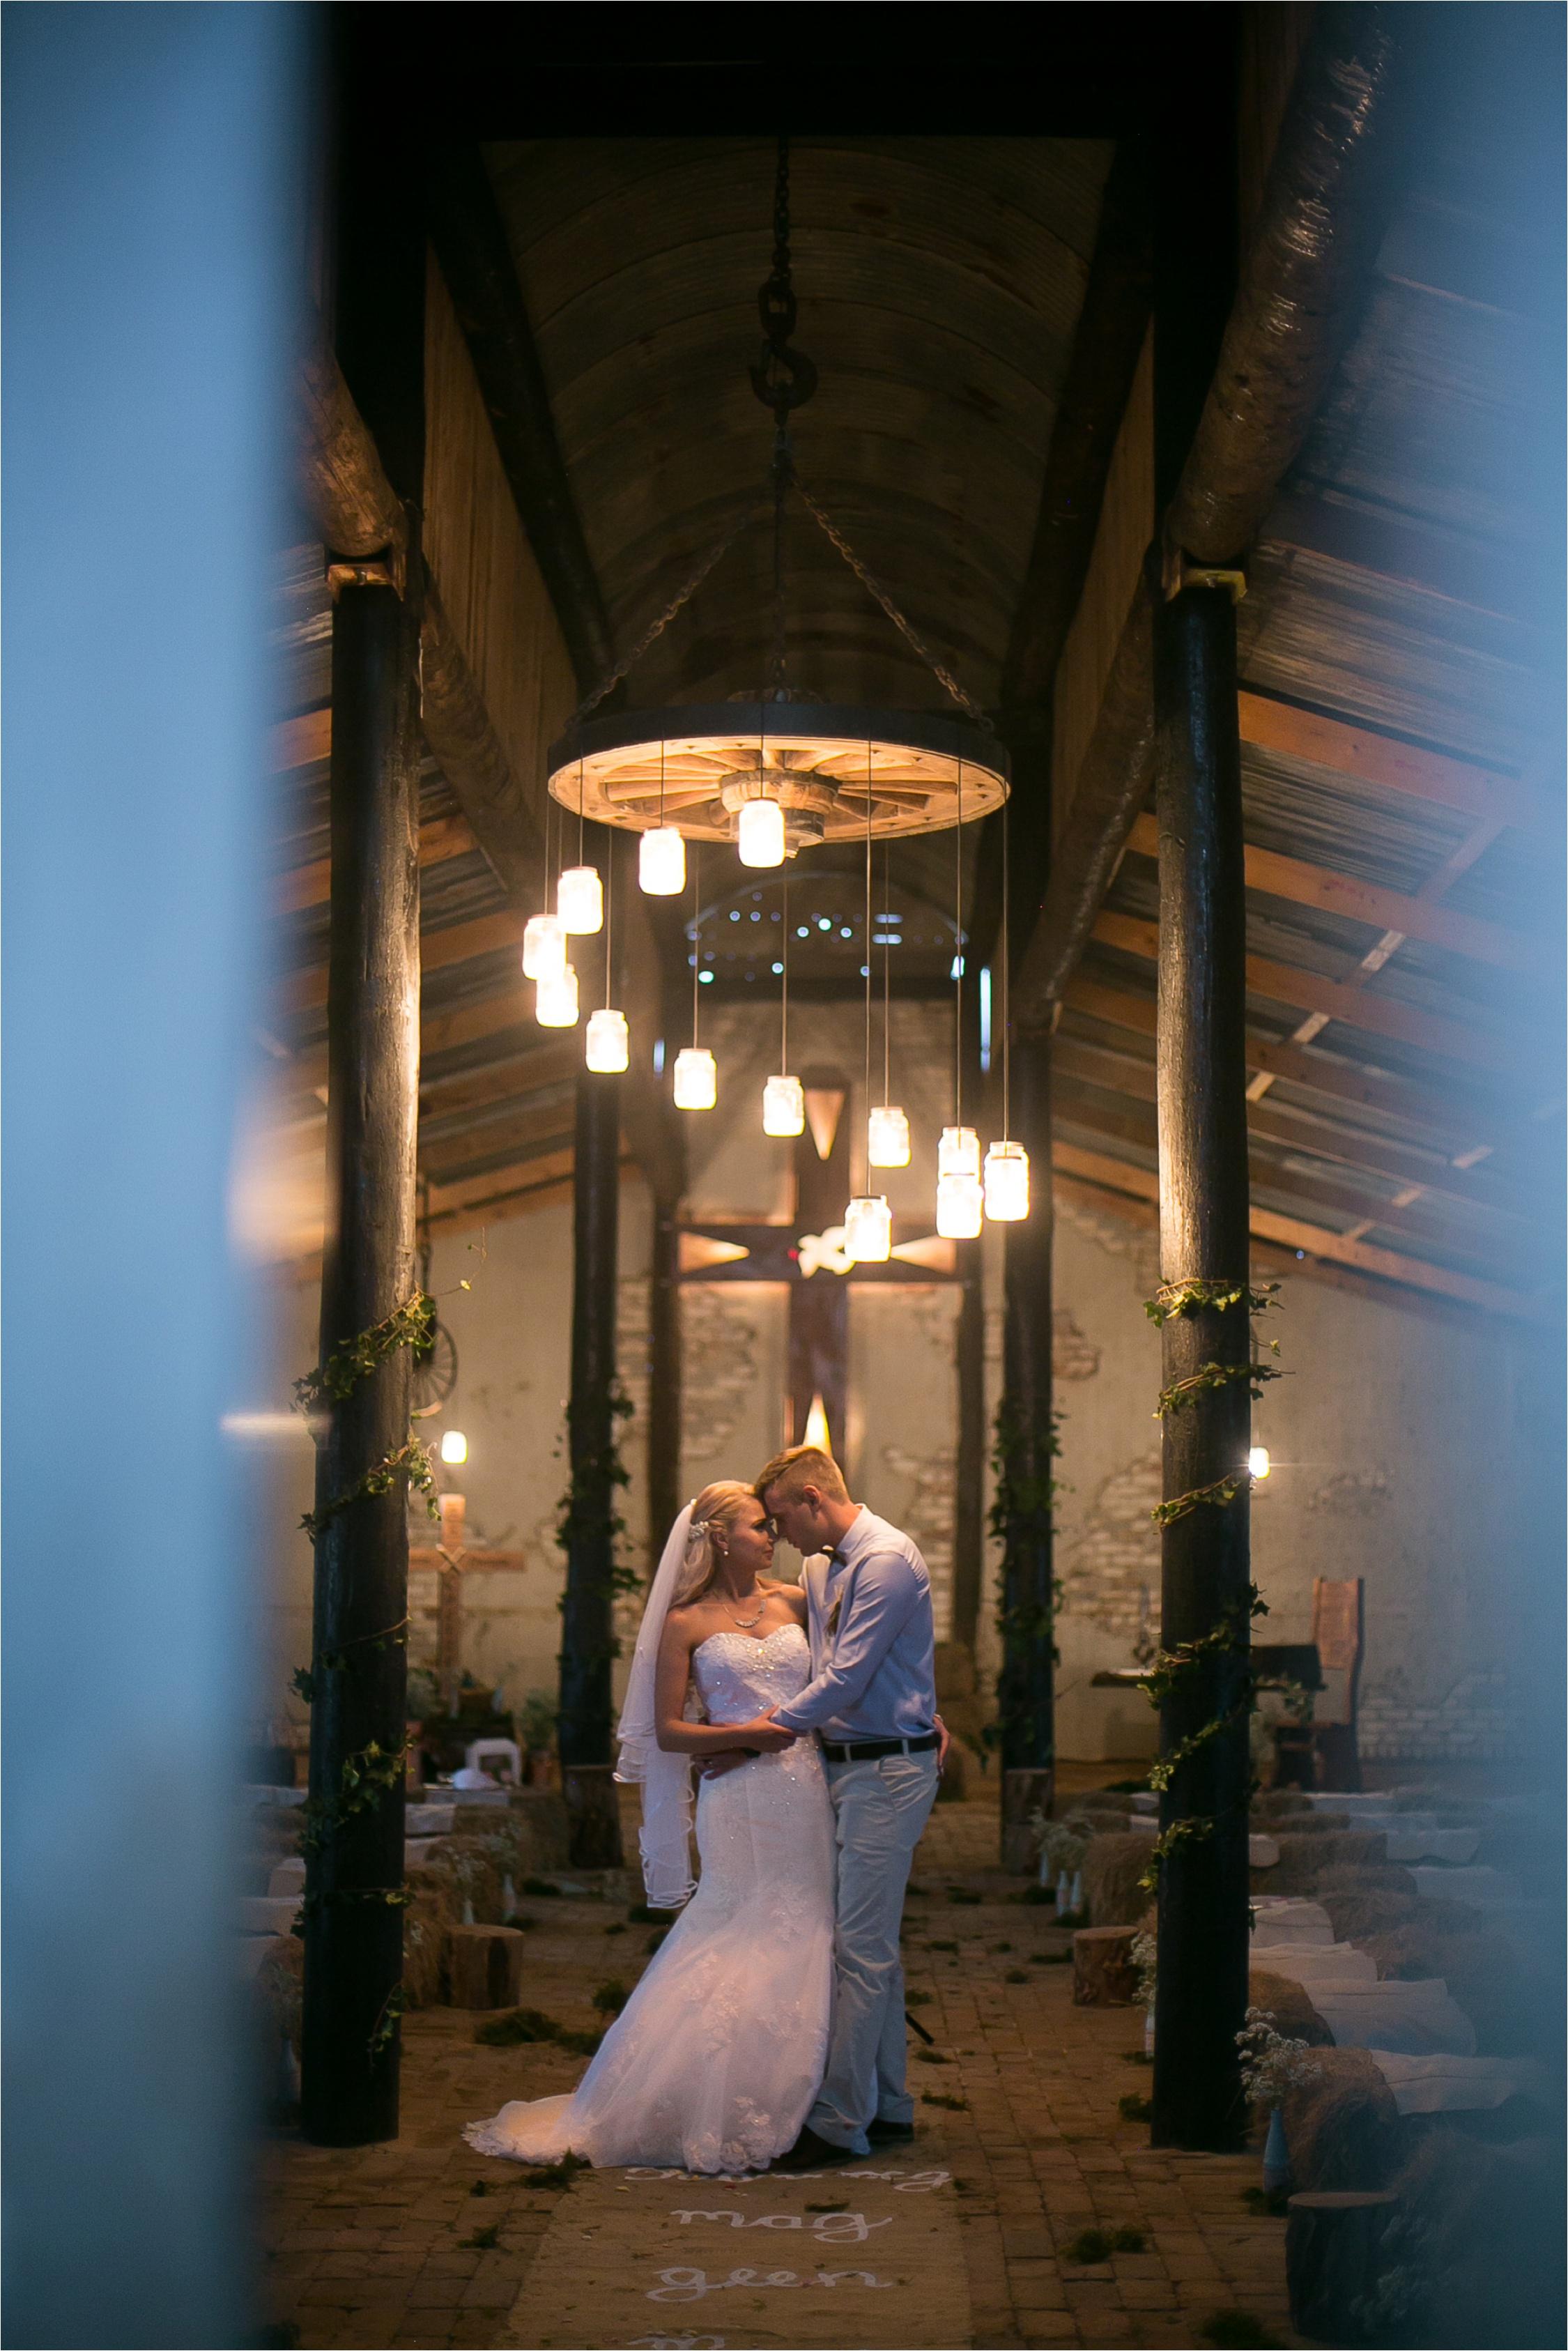 Die_Waenhuiskraal_wedding_Alicia_Dwayne_62